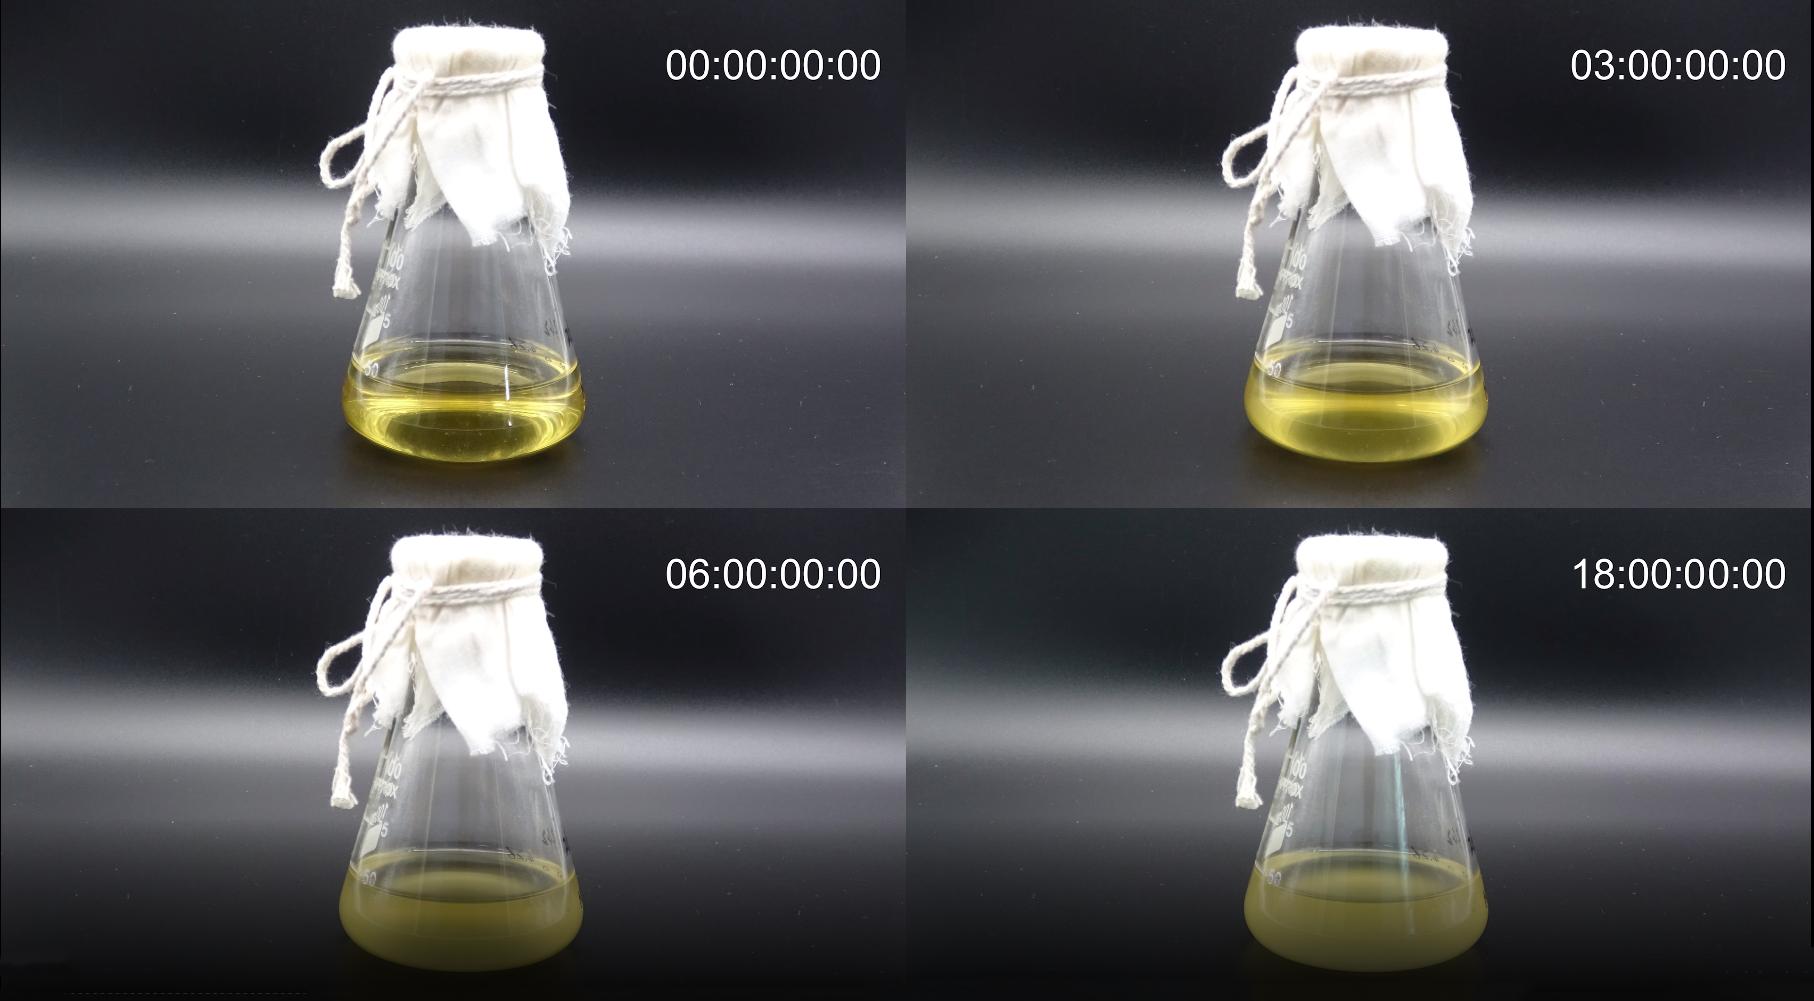 【延时摄影】为您揭秘细菌生长过程-www.biaowu.com北纳生物